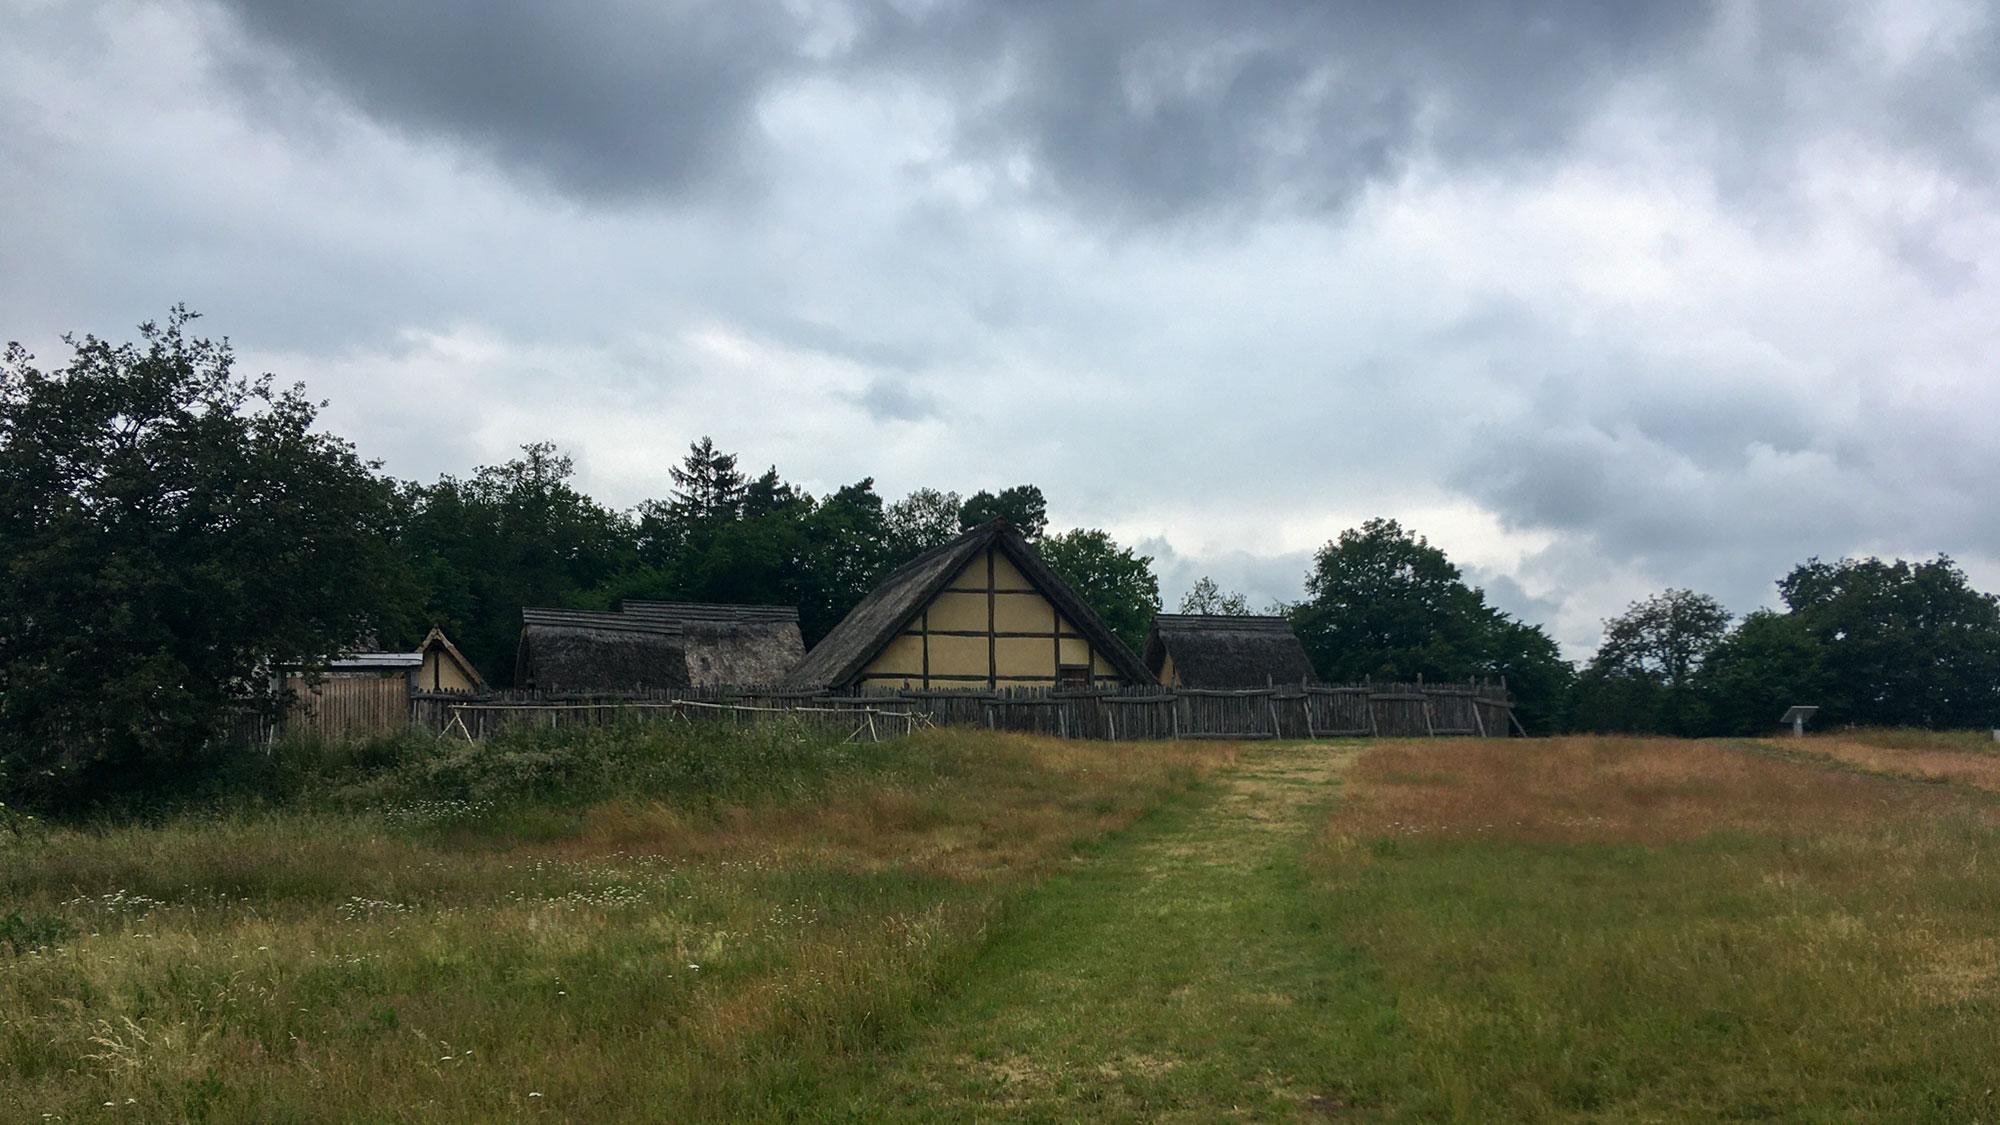 Umzäunte Keltensiedlung mit strohbedeckten Hütten